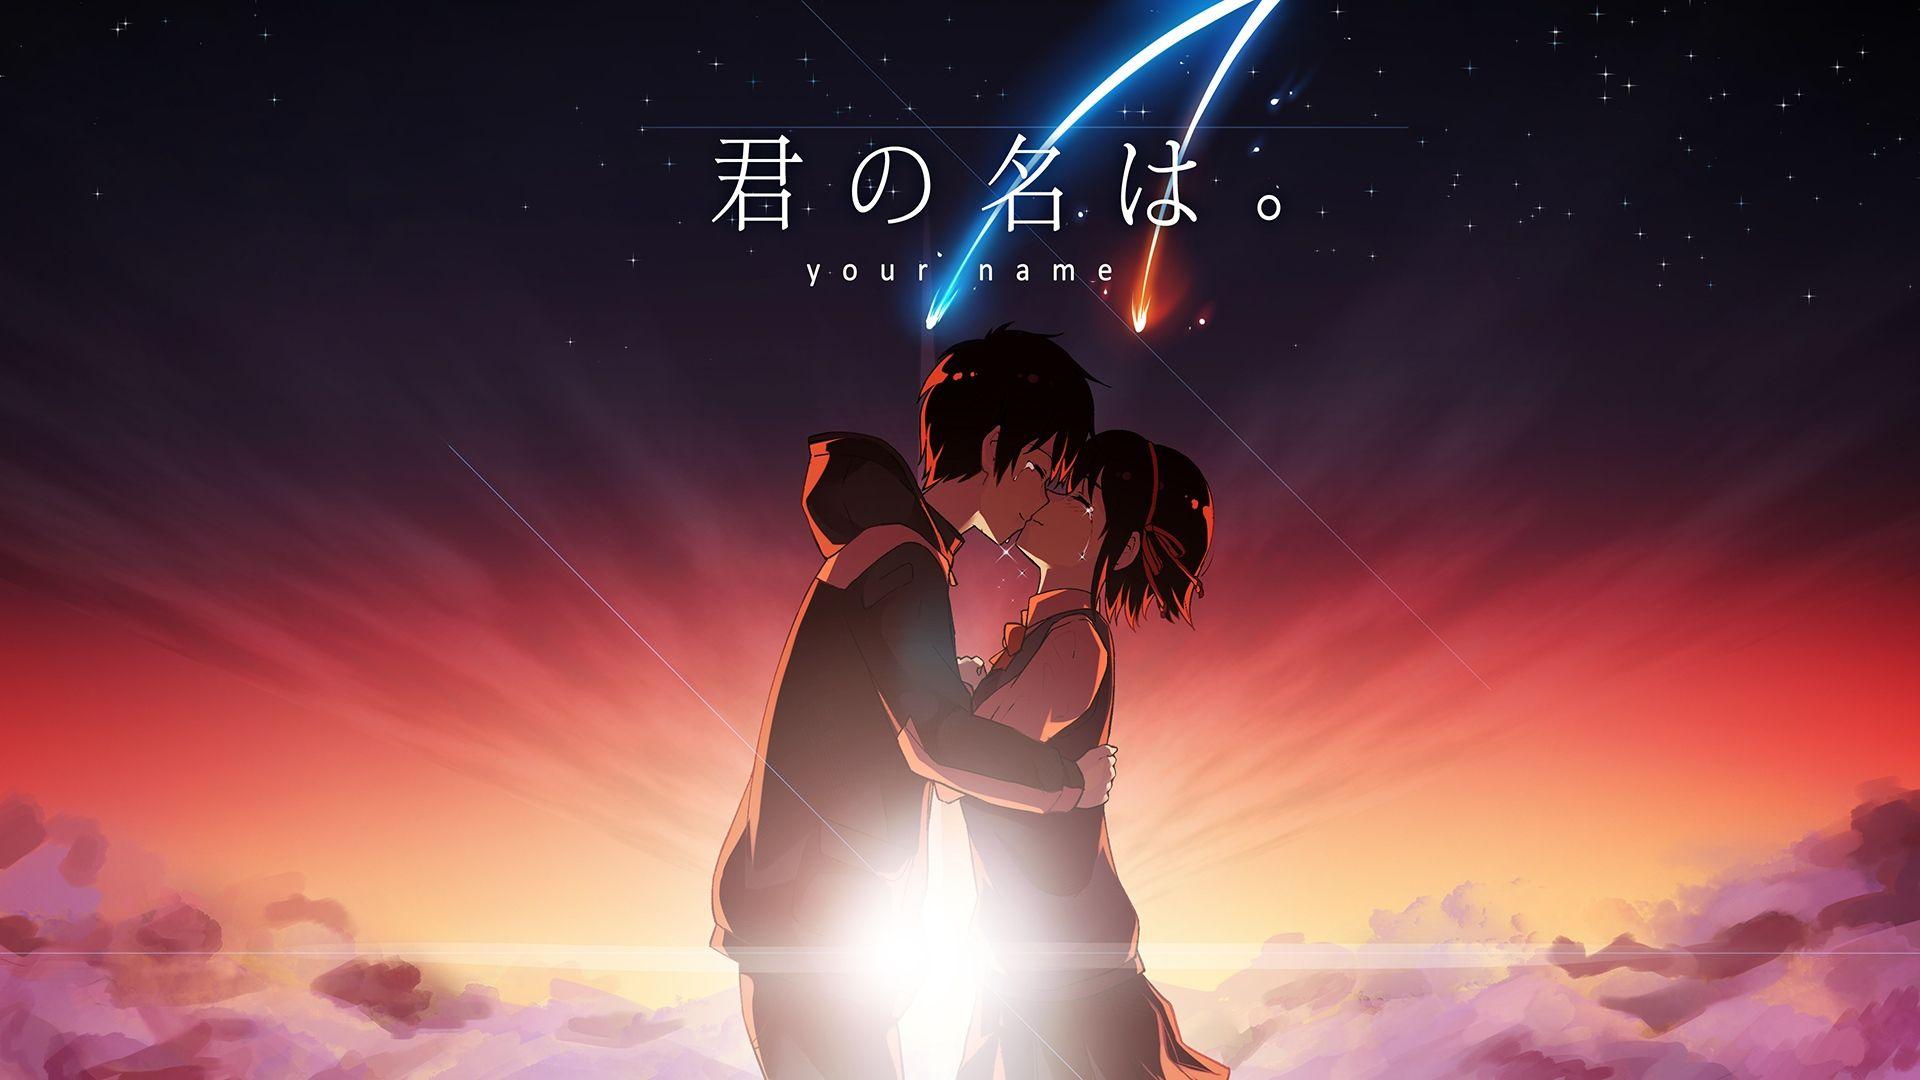 Taki and Mitsuha Kiss Kimi no Na wa. They should've kissed